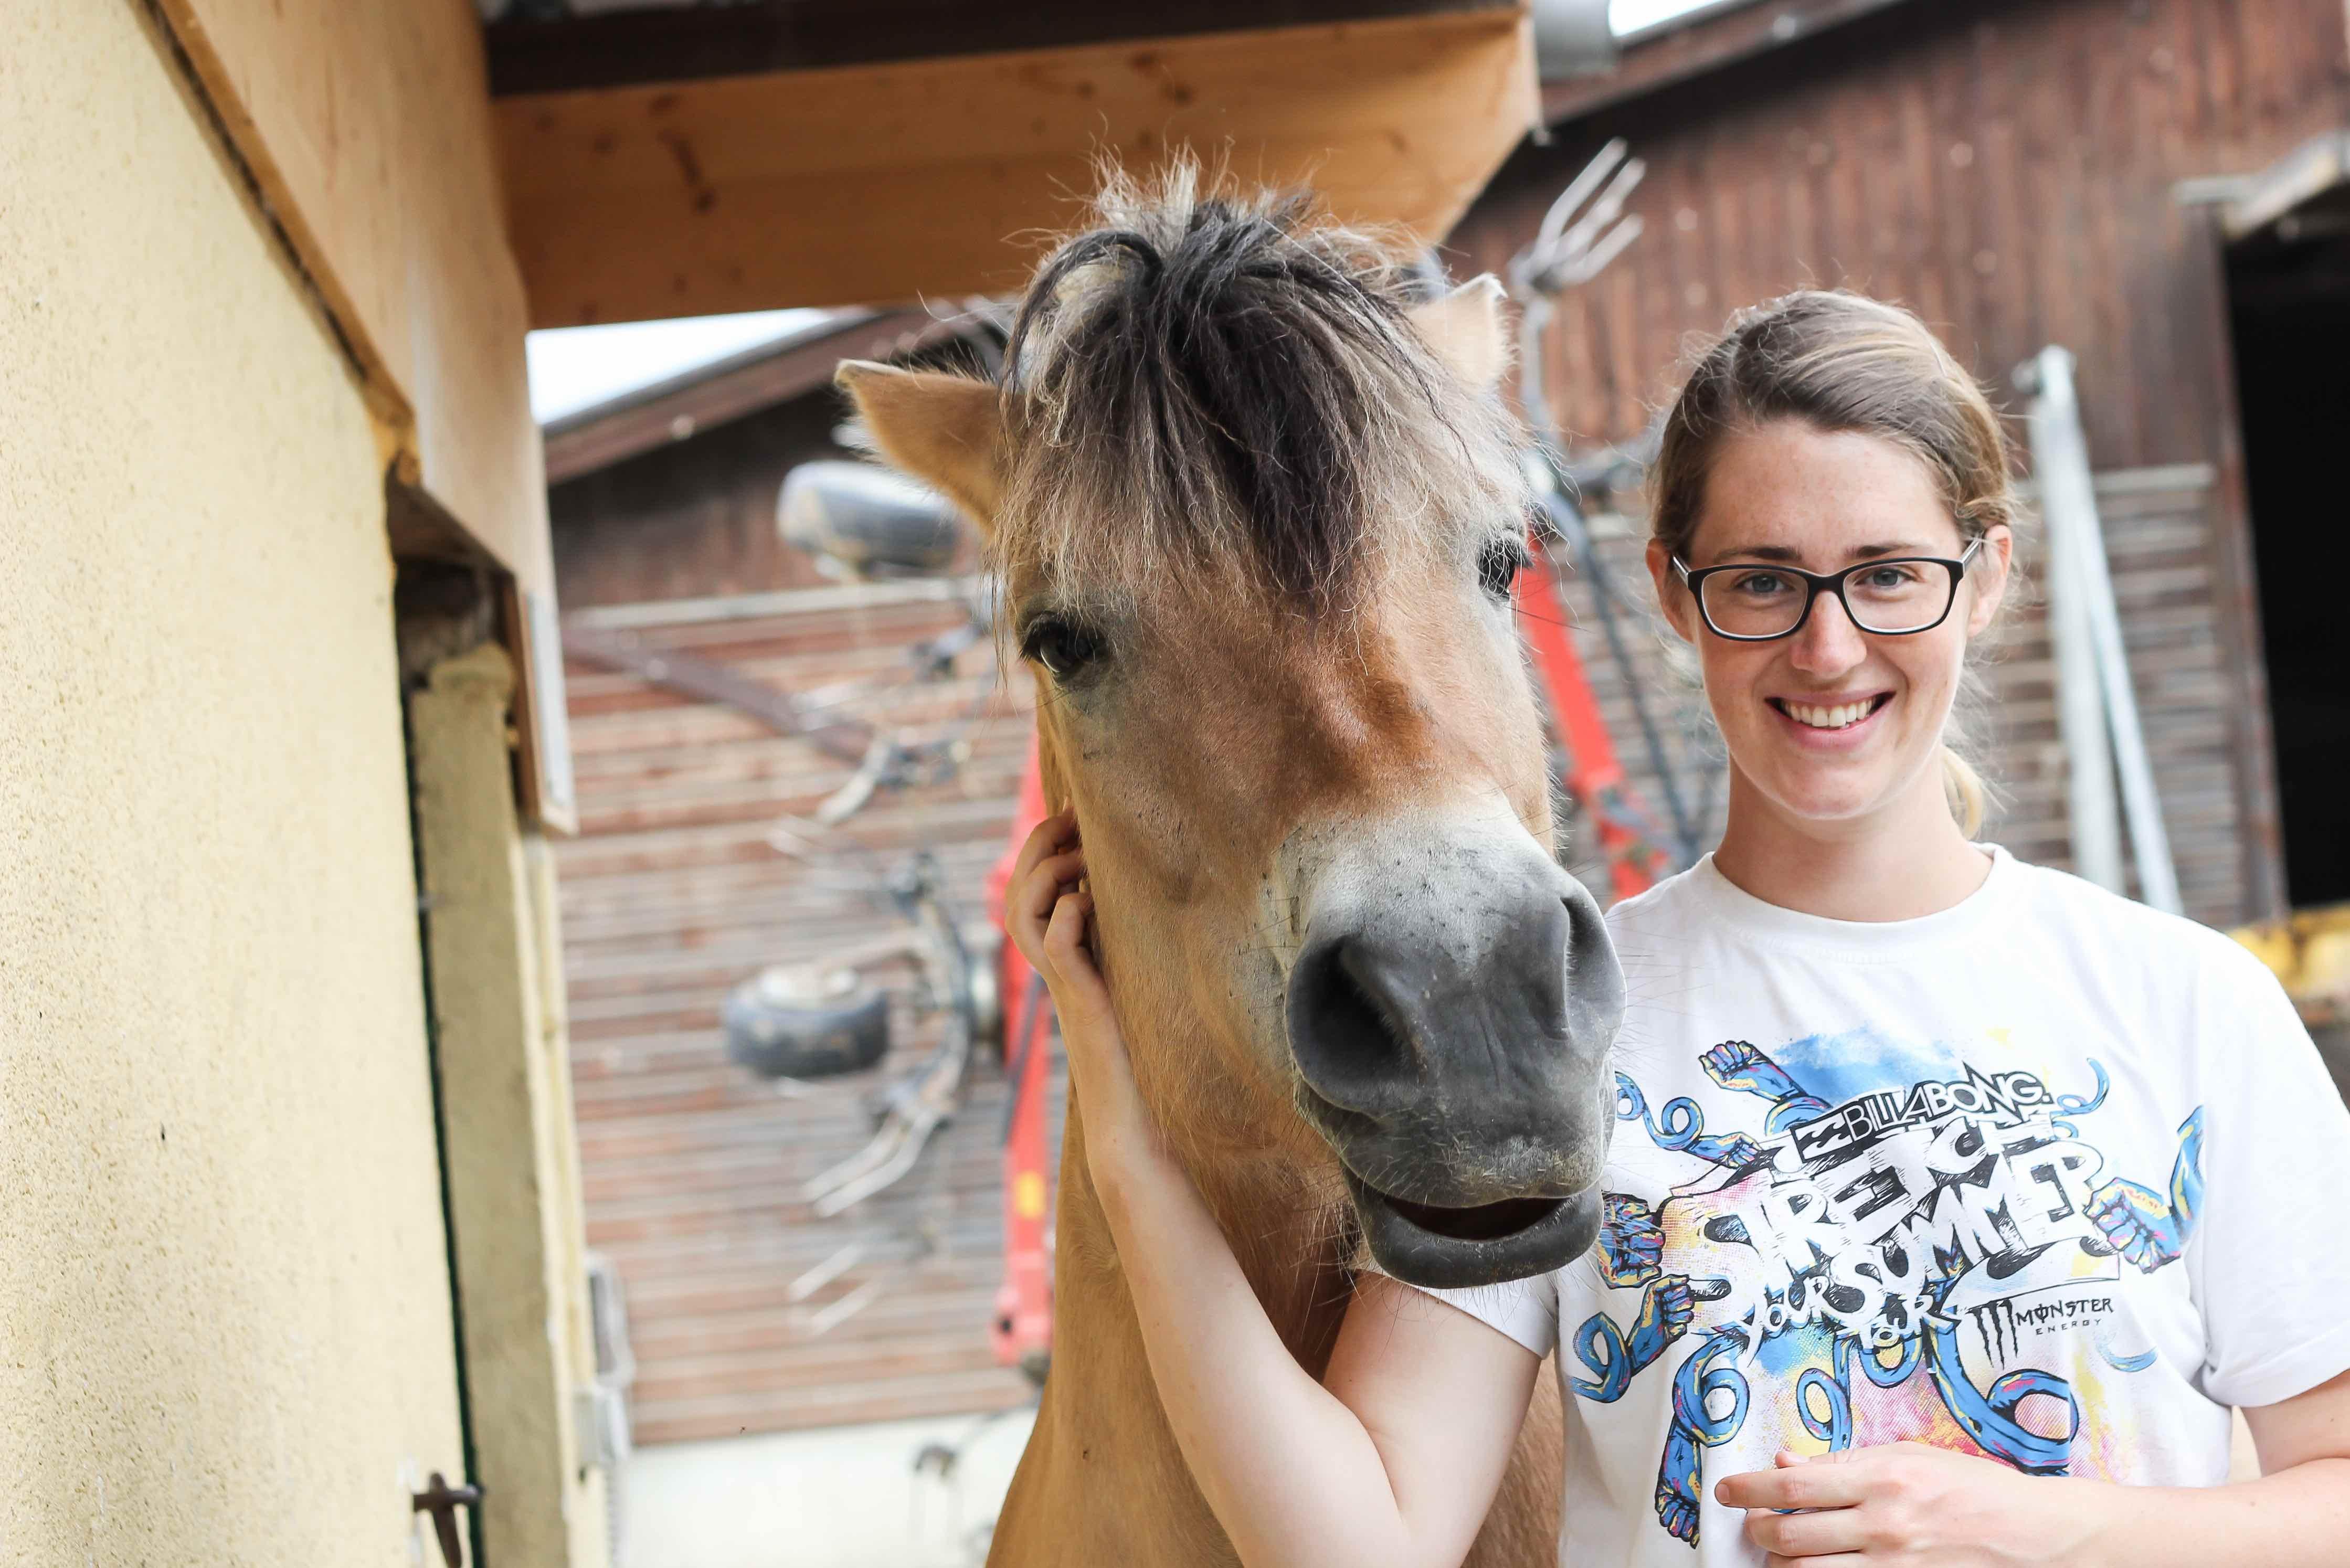 Pferdegestützte Therapie und Natural Horsemanship - Nicola Mümdemann, Dipl. Psych.